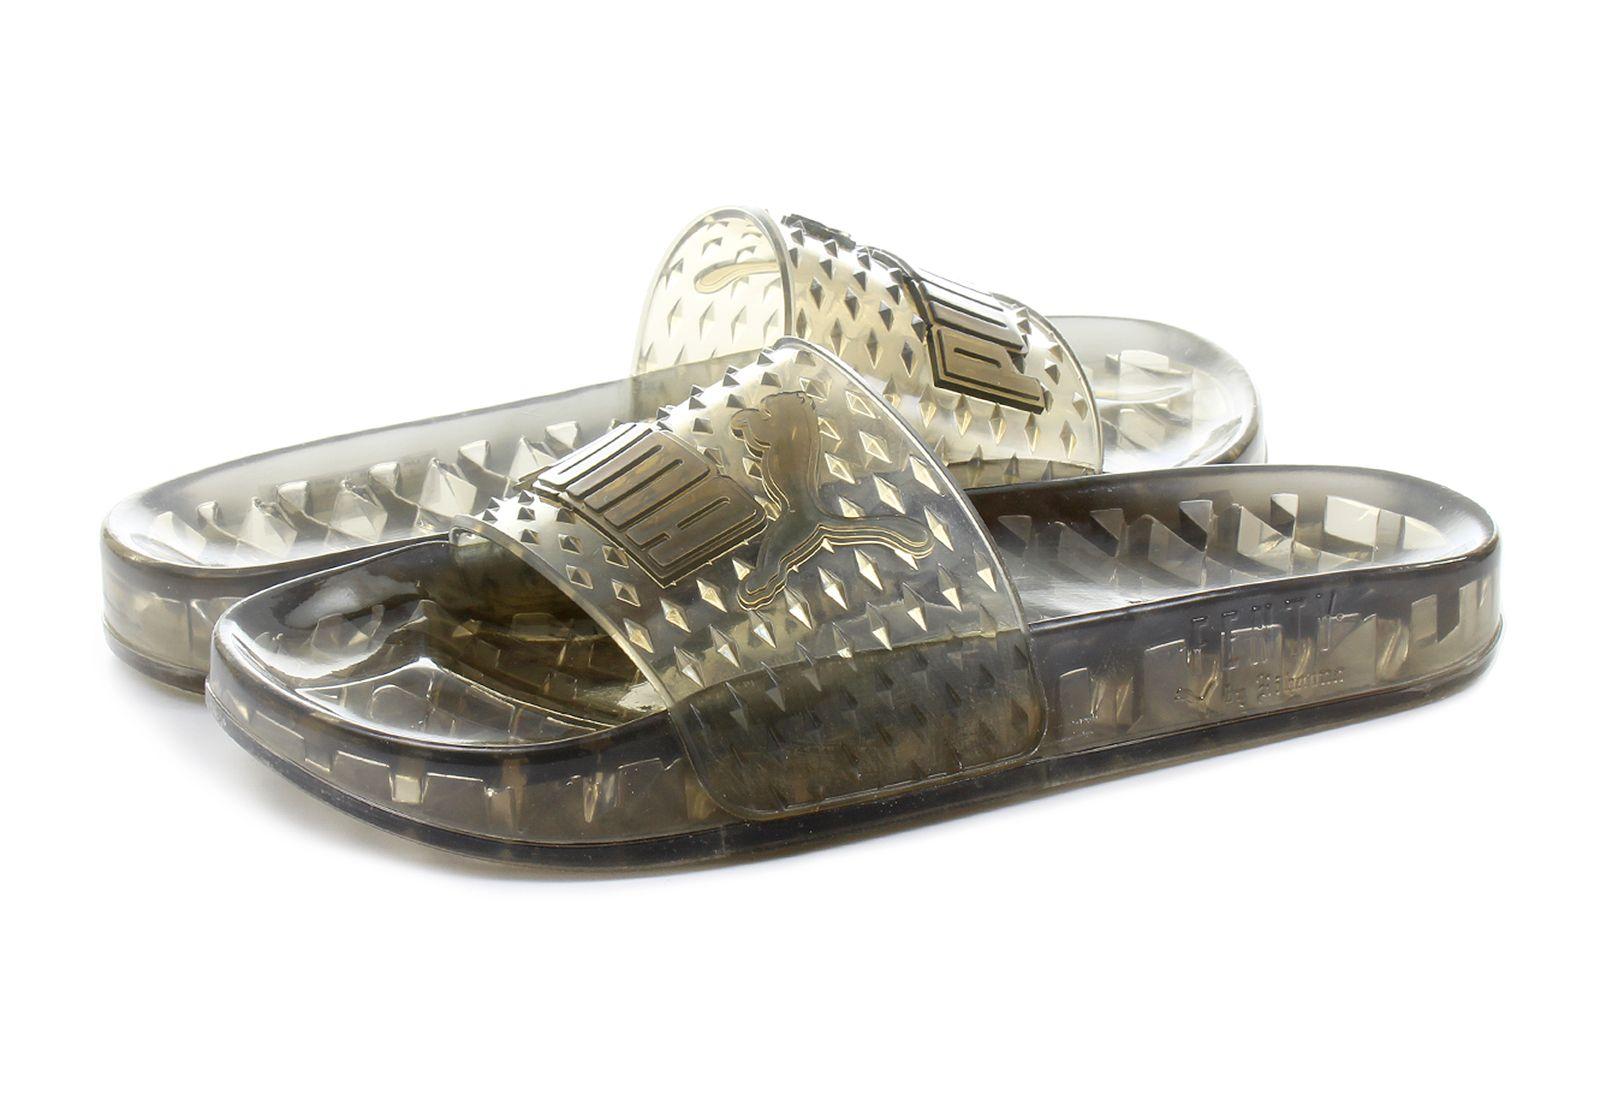 Puma Papucs Akció Női cipők Olcsón | Puma Magyarország